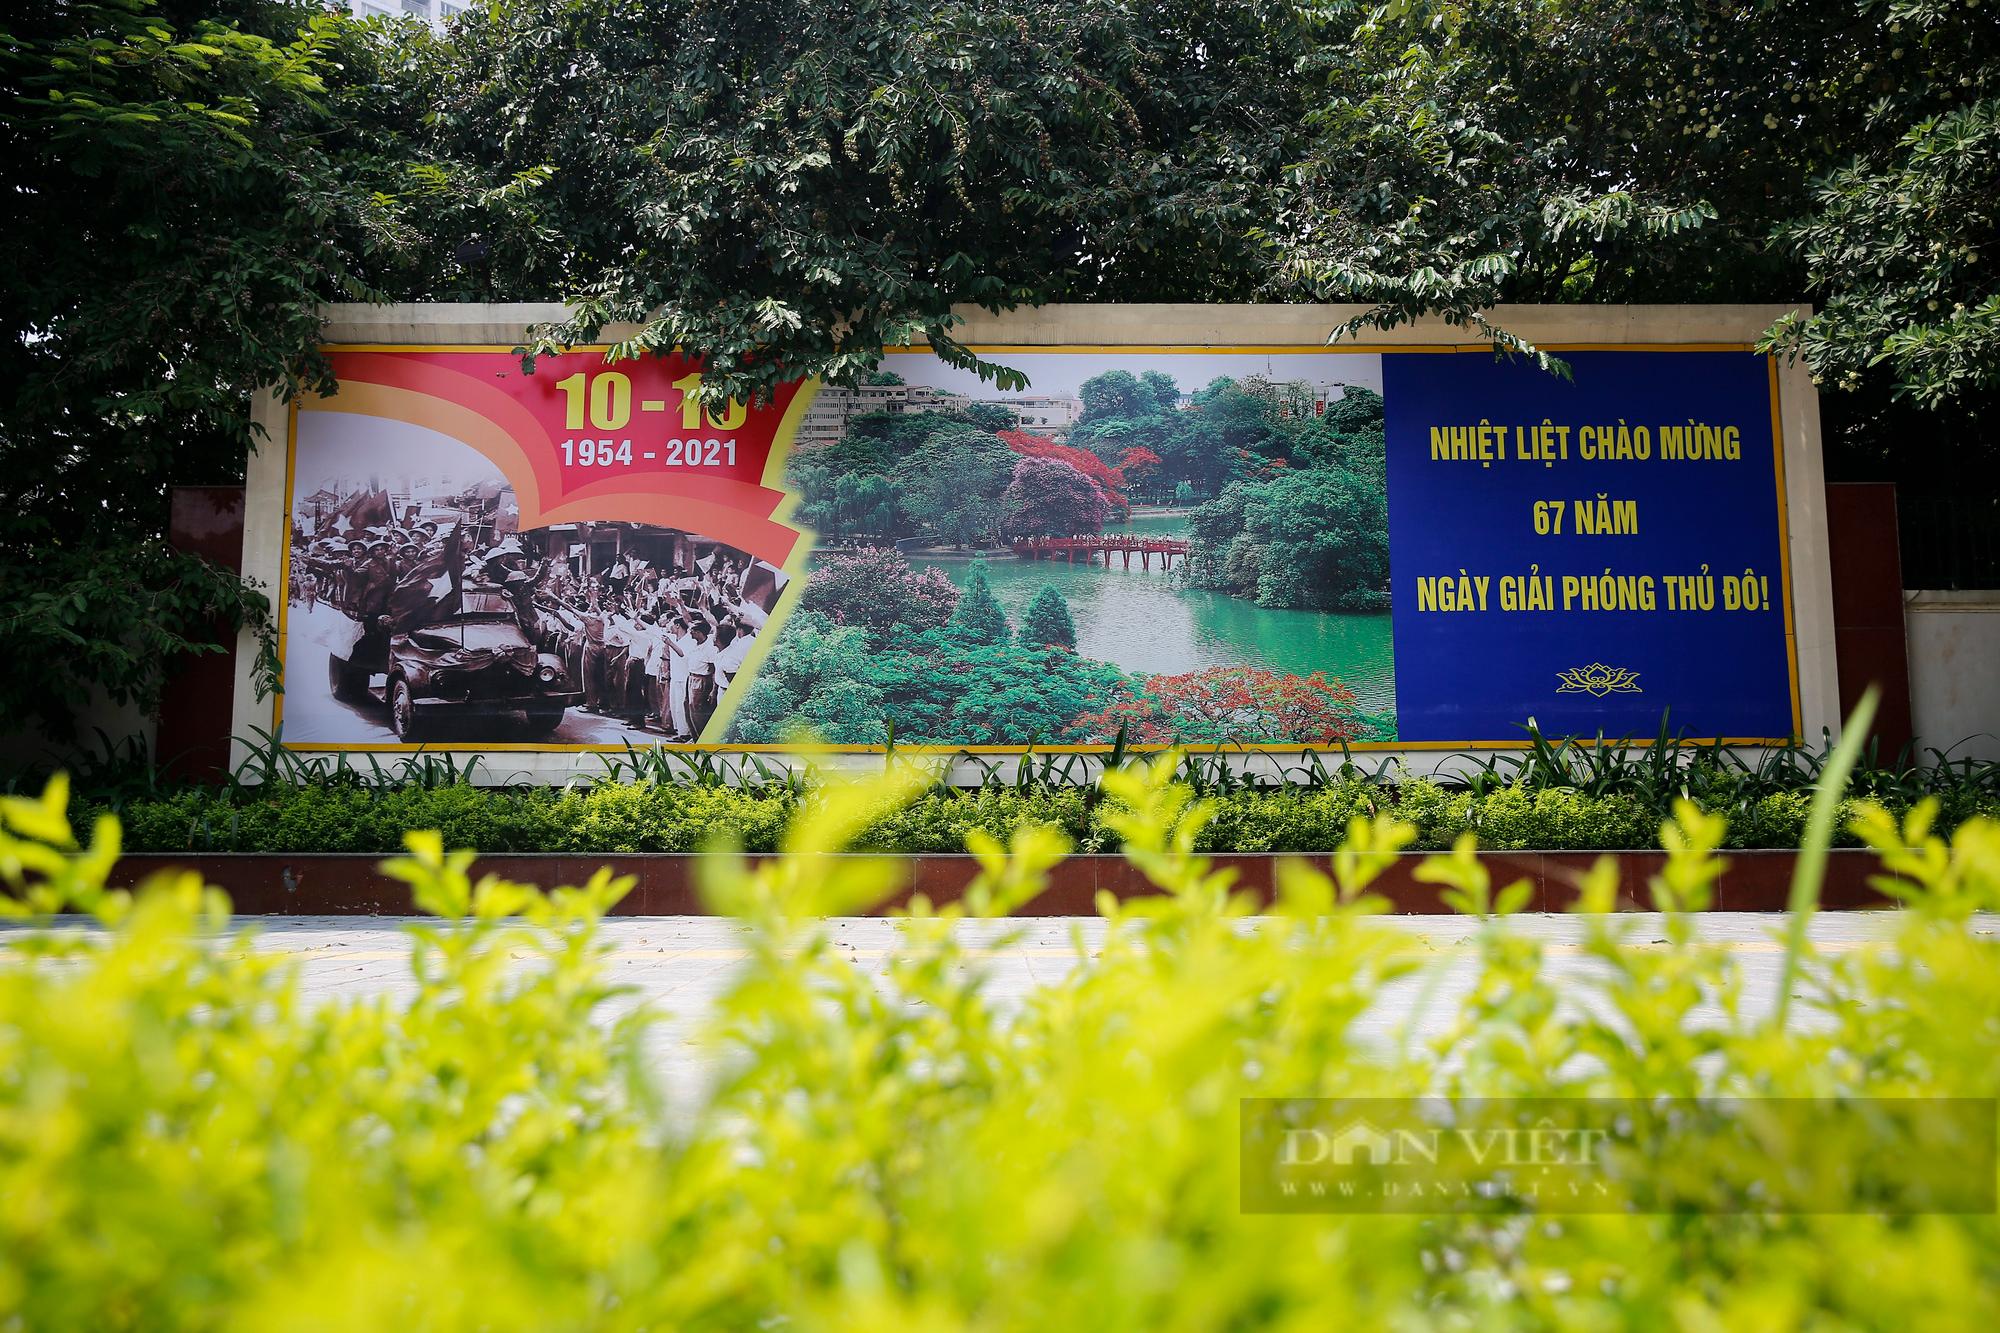 Đường phố Hà Nội rực rỡ chào mừng Ngày Giải phóng Thủ đô  - Ảnh 12.